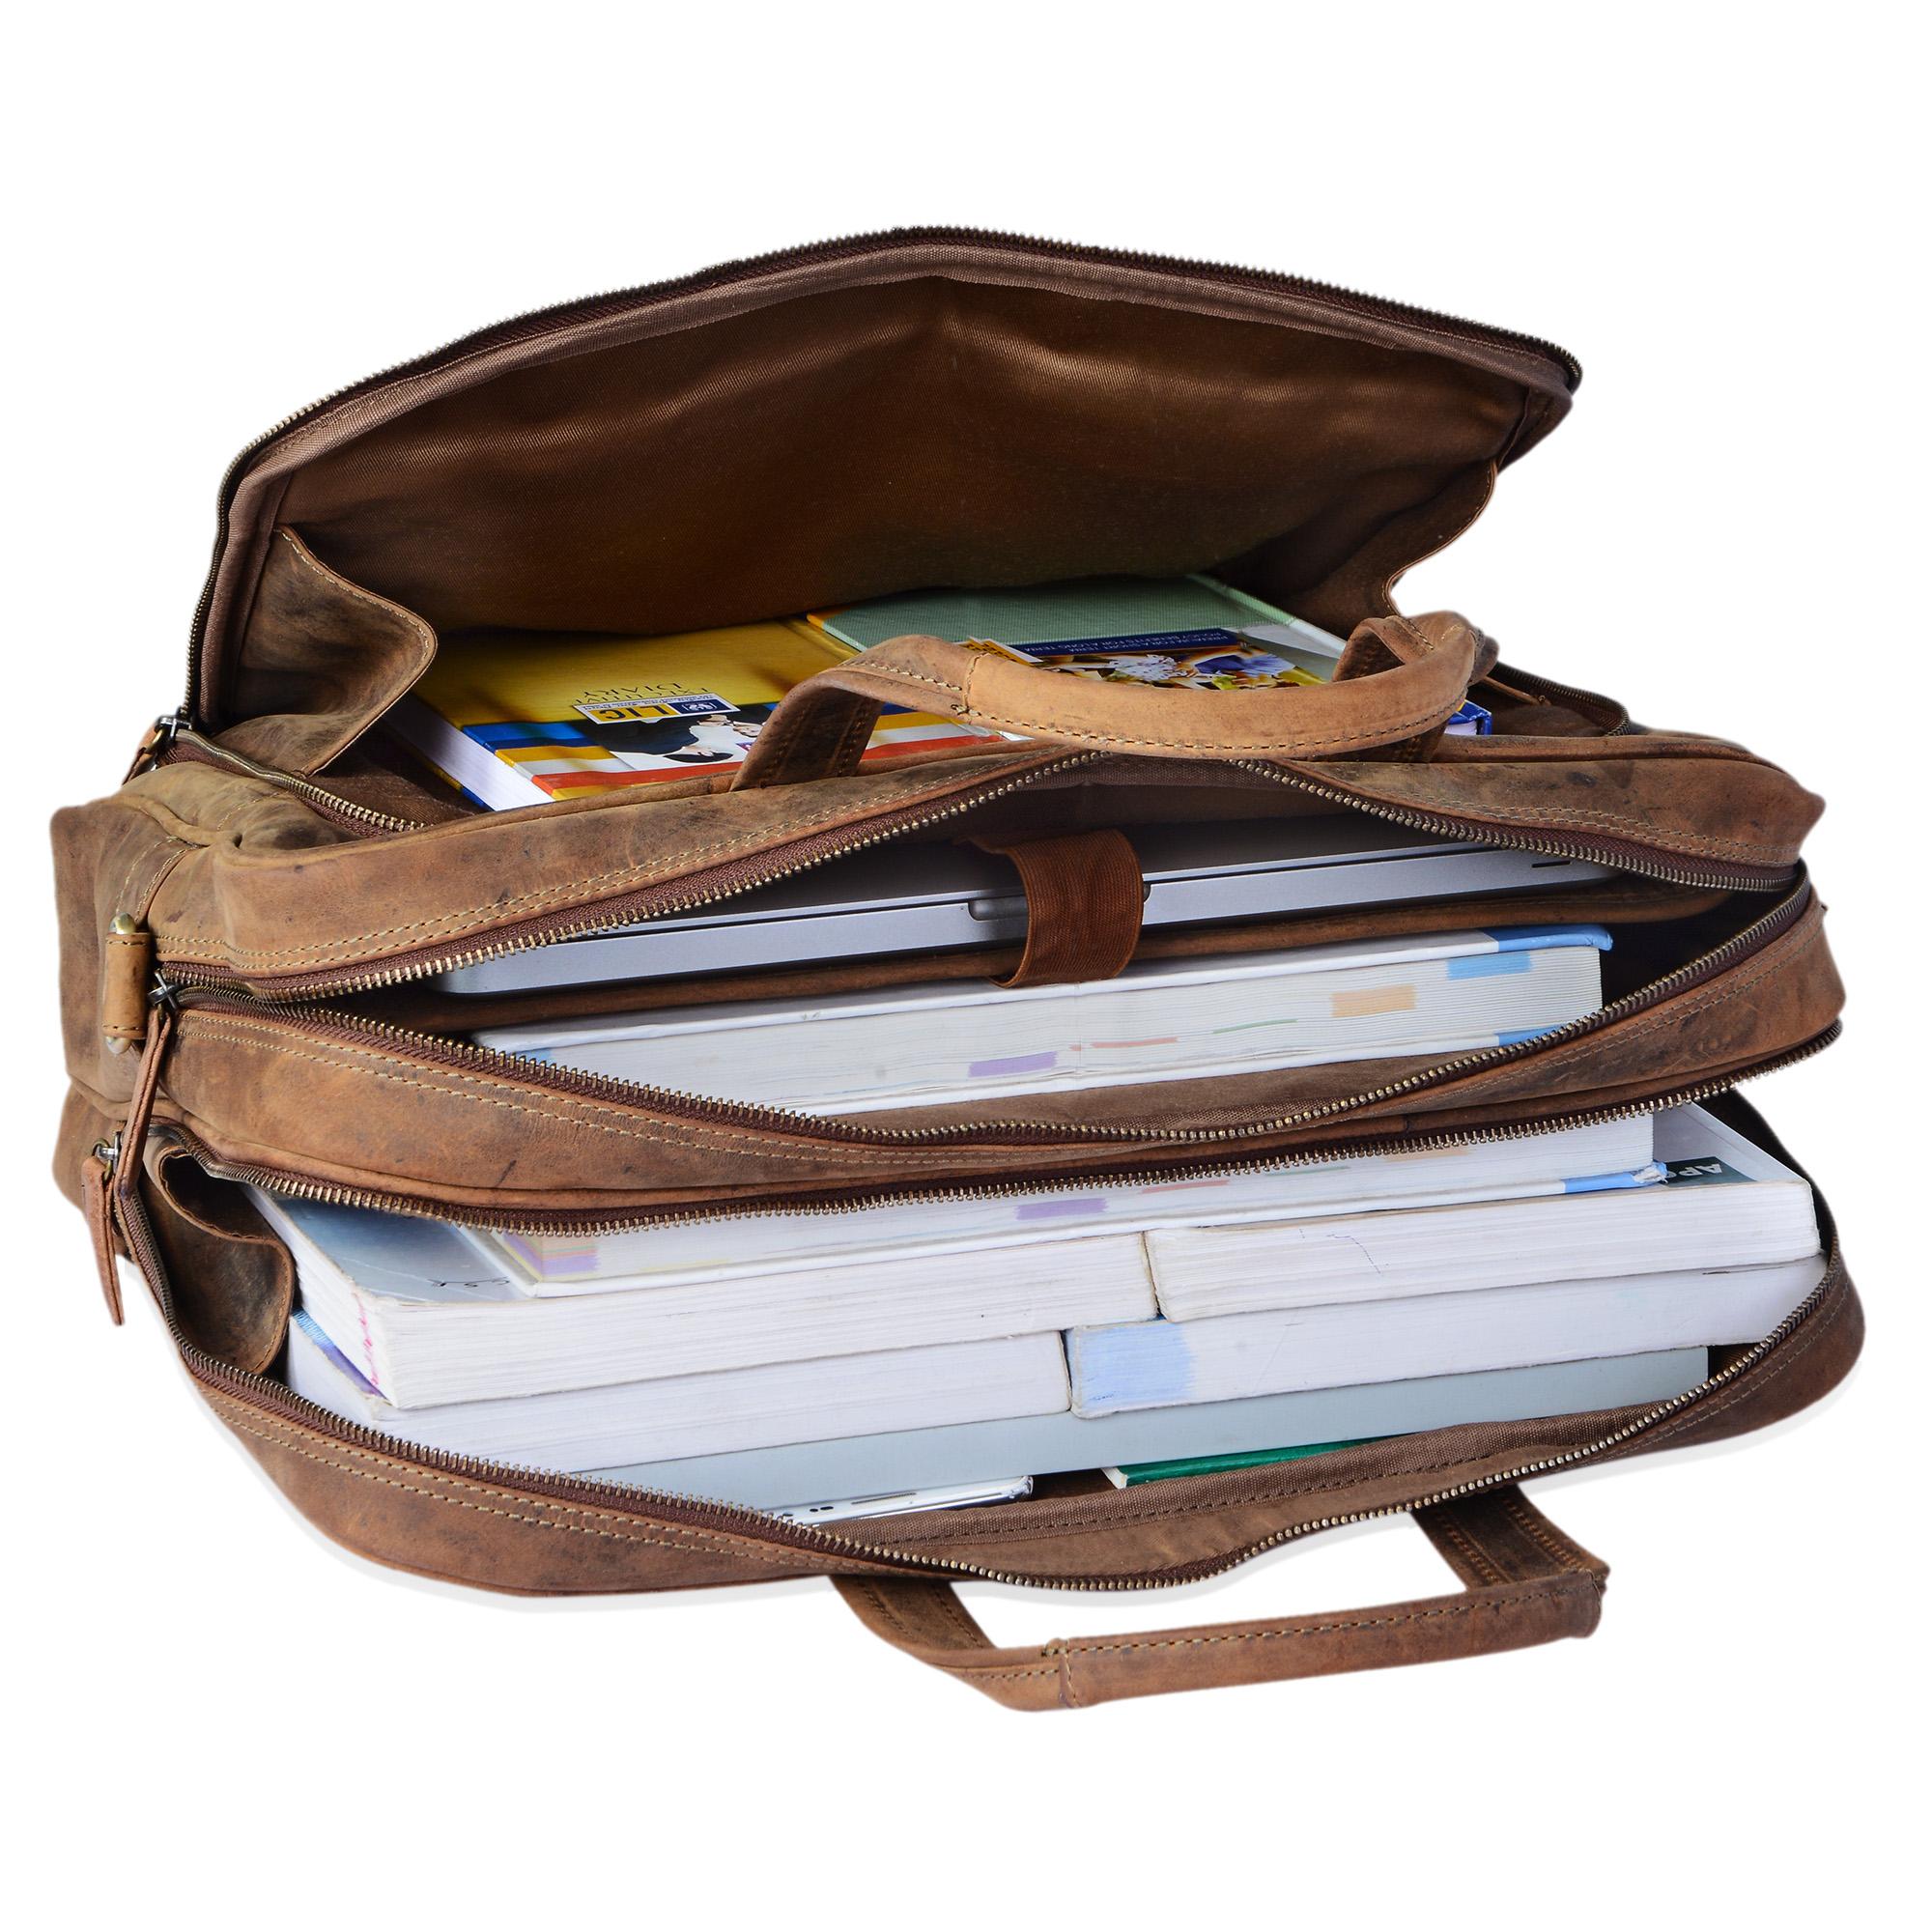 """STILORD """"Jaron"""" Vintage Ledertasche Leder Herren Damen 15,6 Zoll Laptoptasche Umhängetasche groß Aktentasche Arbeit Büro Uni echtes Rindsleder - Bild 7"""